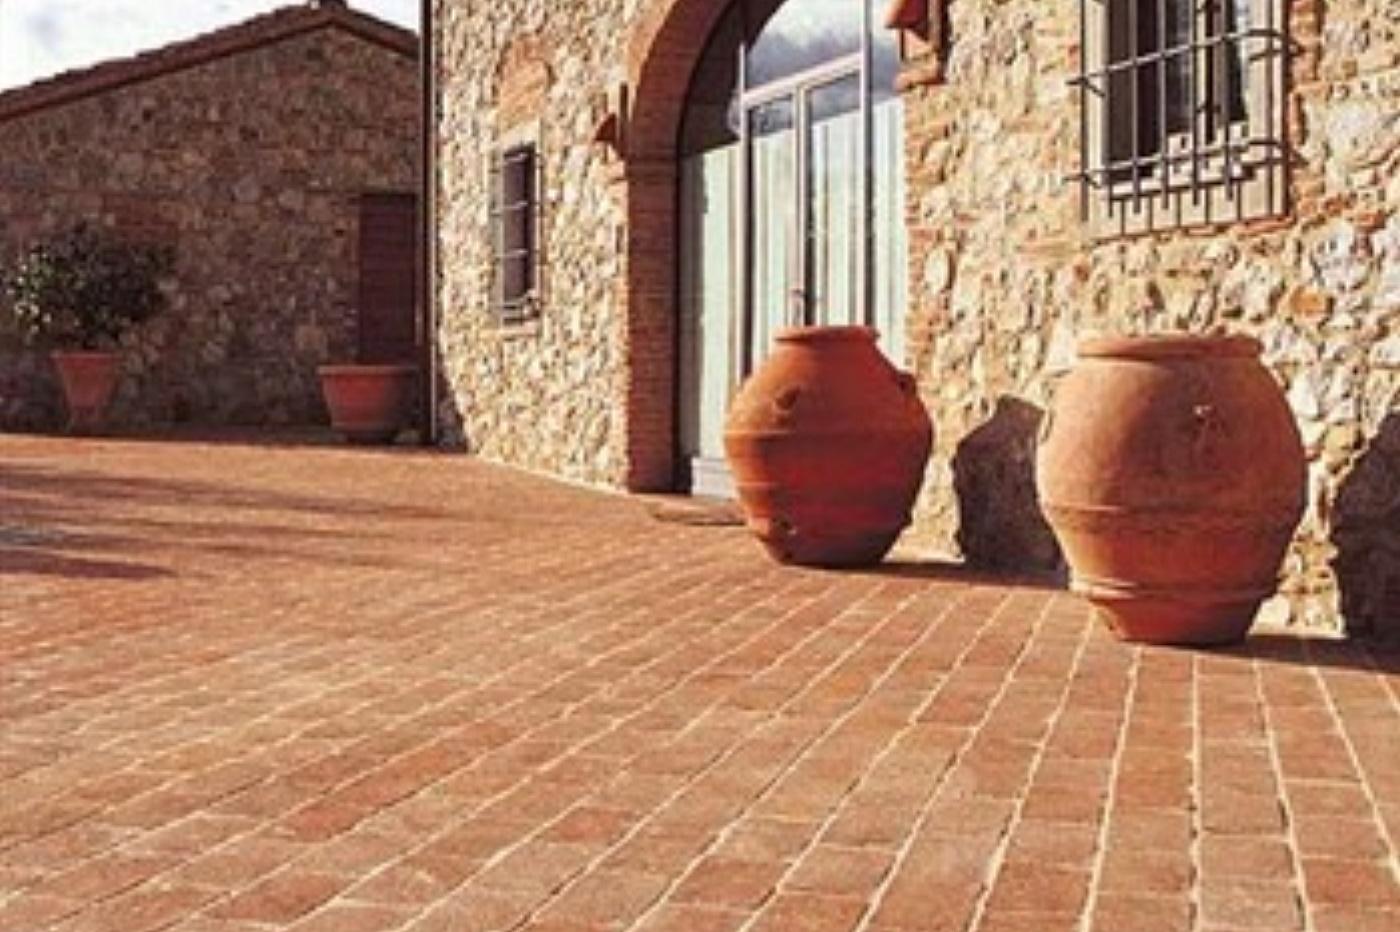 Pavimenti In Cotto Fatto A Mano : Pegoiani pavimenti megastore brescia cotto fatto a mano di nuova